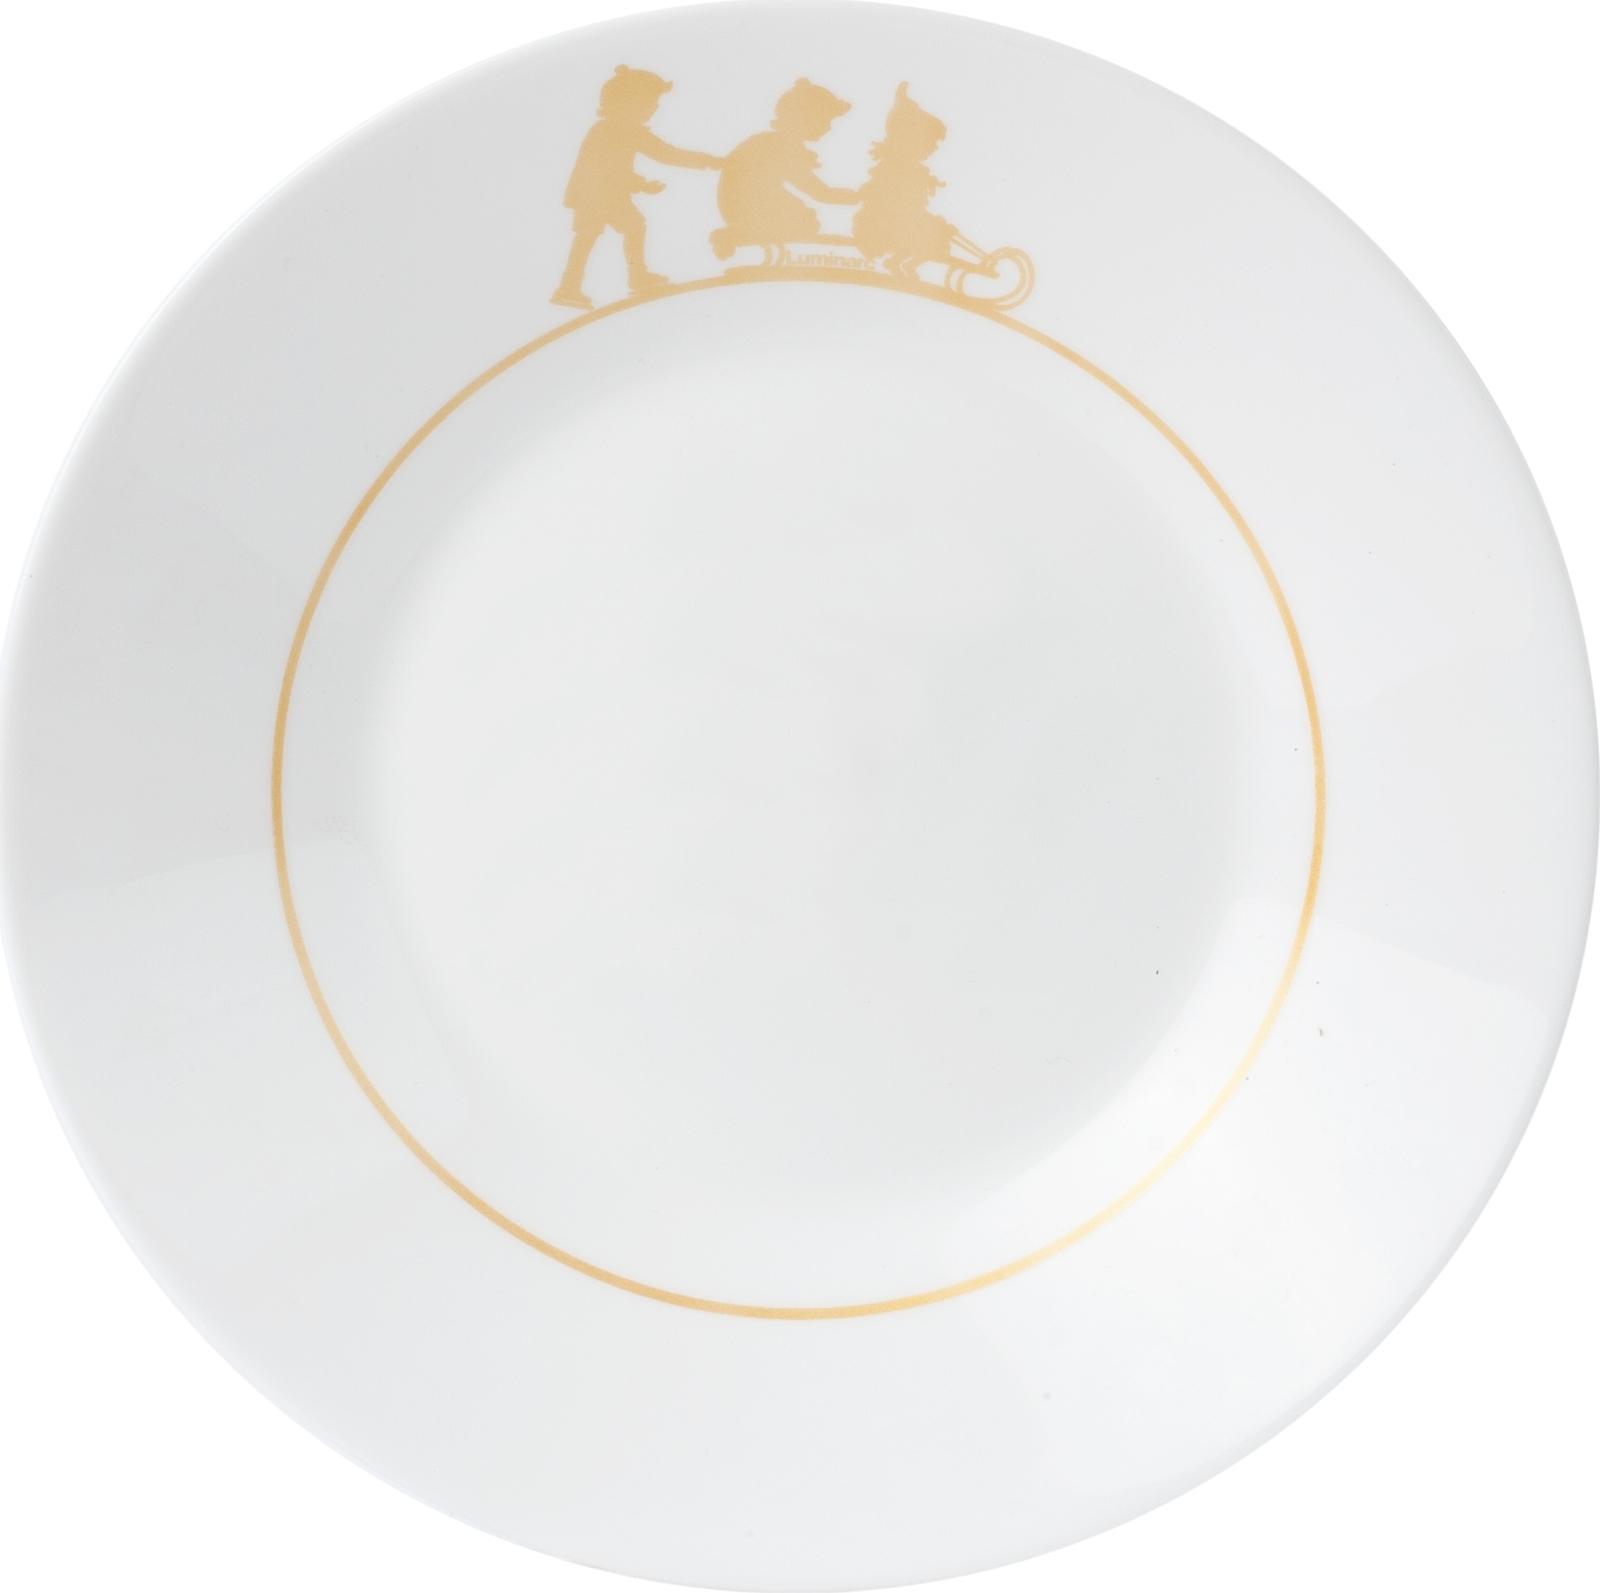 Тарелка глубокая Luminarc Инна, P1497, белый, диаметр 23 см тарелка глубокая luminarc ализэ перл n4836 белый диаметр 23 см